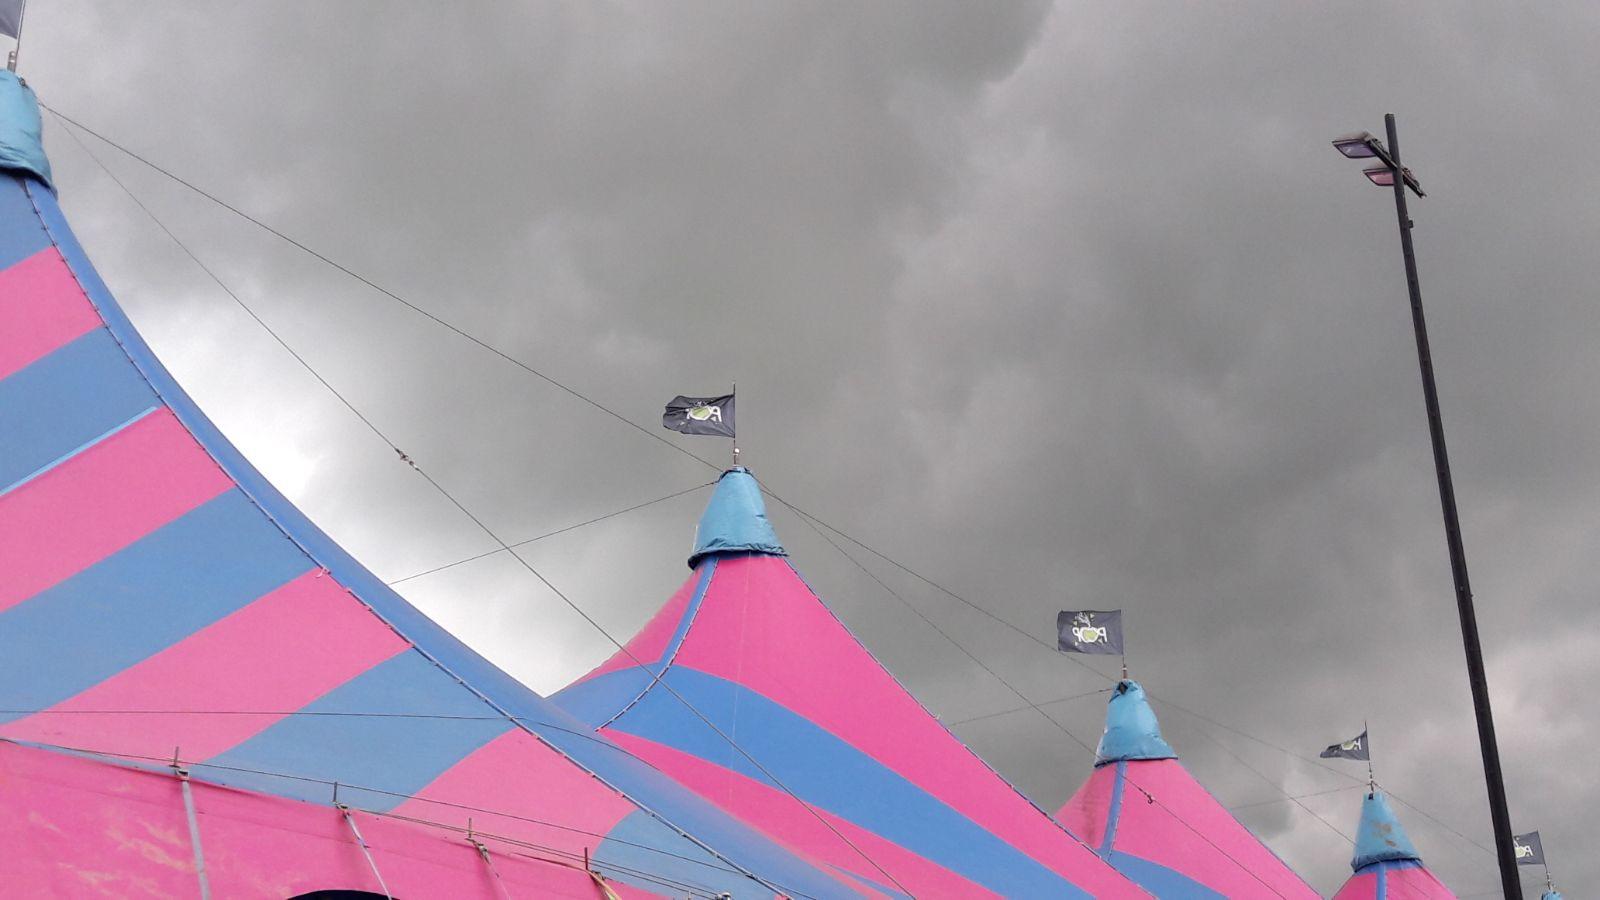 Donkere wolken boven de megatent.